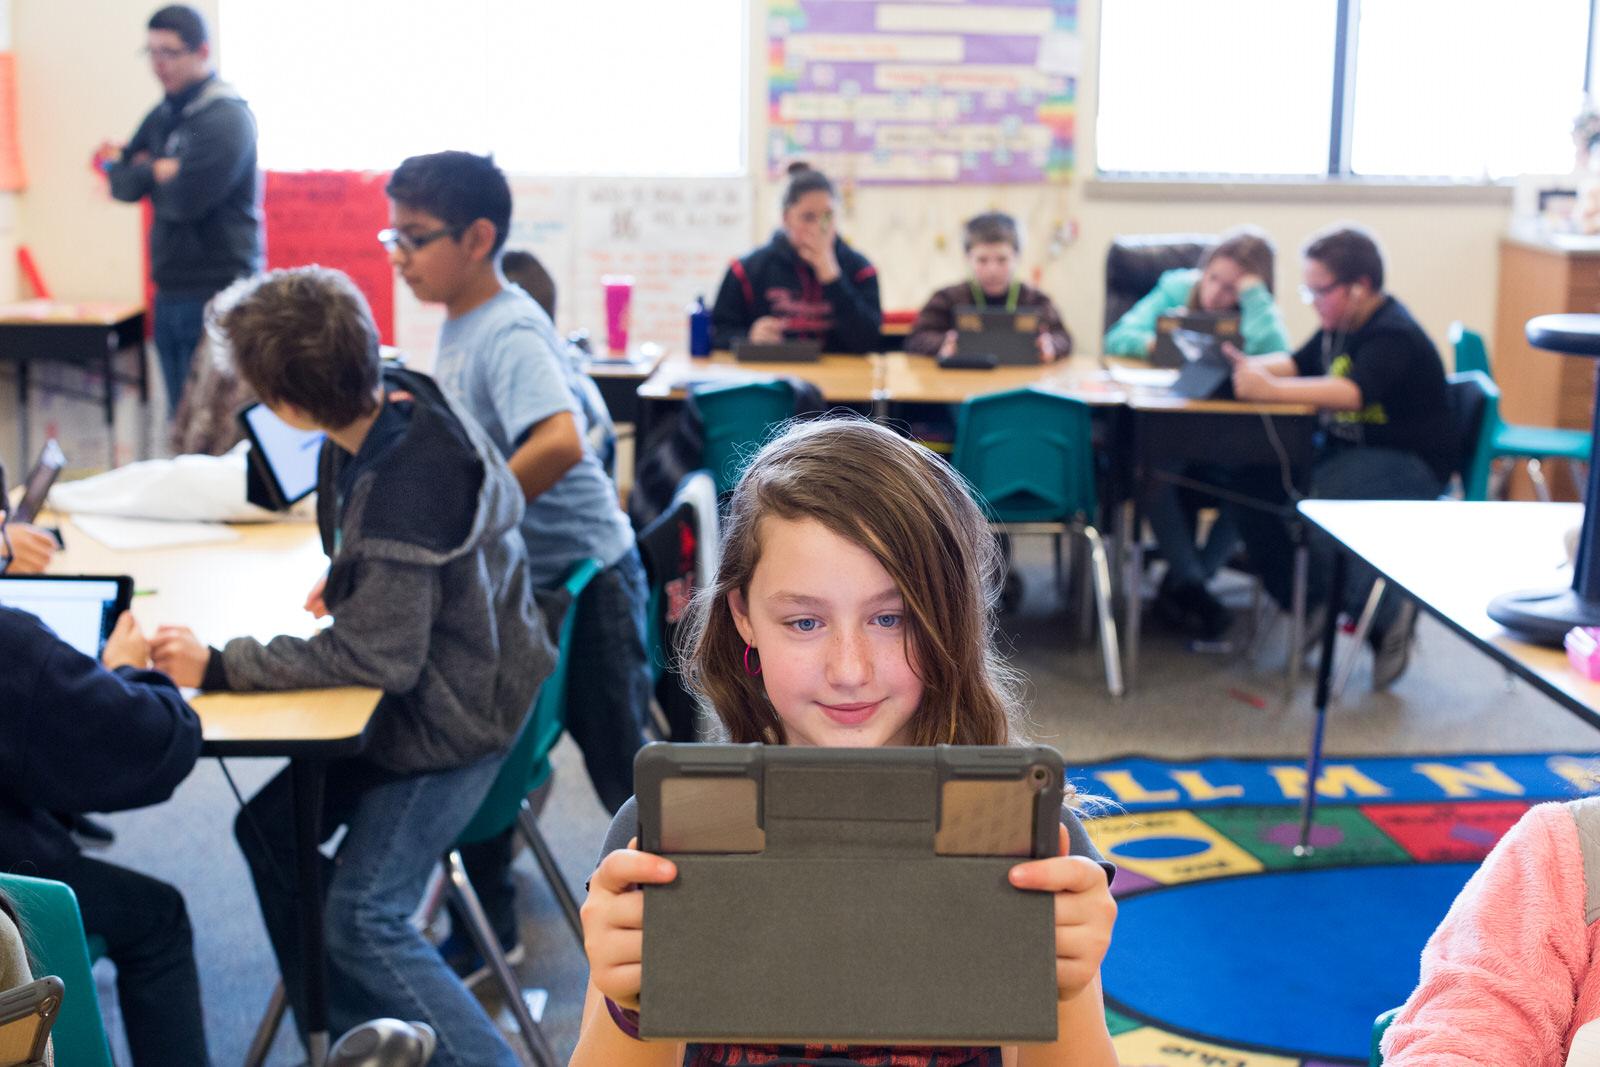 お手頃価格の新型「iPad 9.7インチ」は買い?「 iPad Pro 10.5インチ」と比較してみた